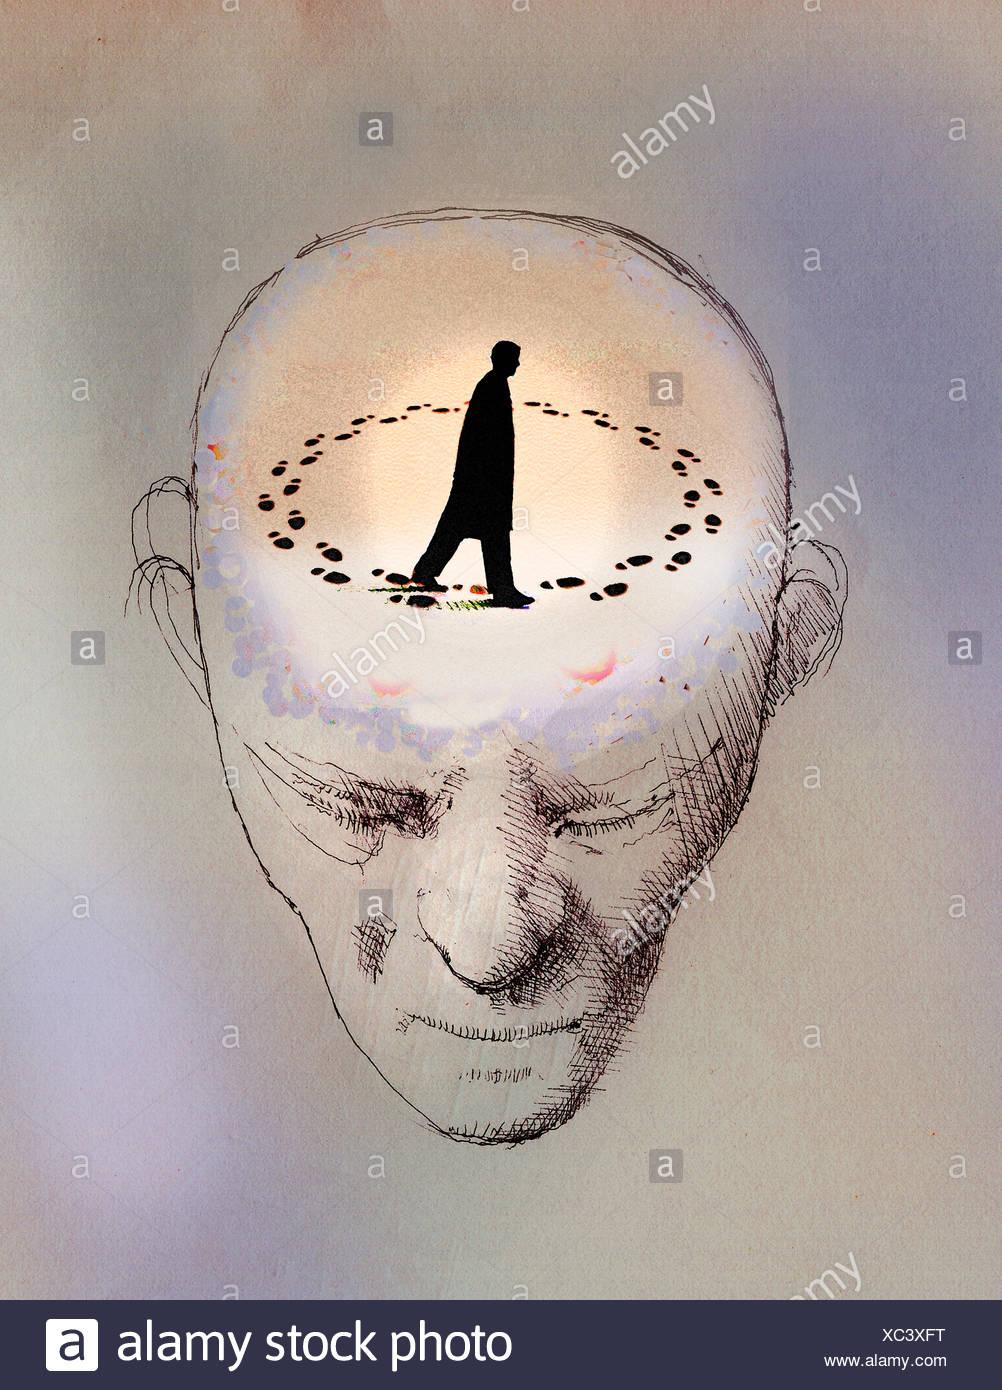 Uomo ansioso di andare in circoli viziosi all'interno della testa Immagini Stock